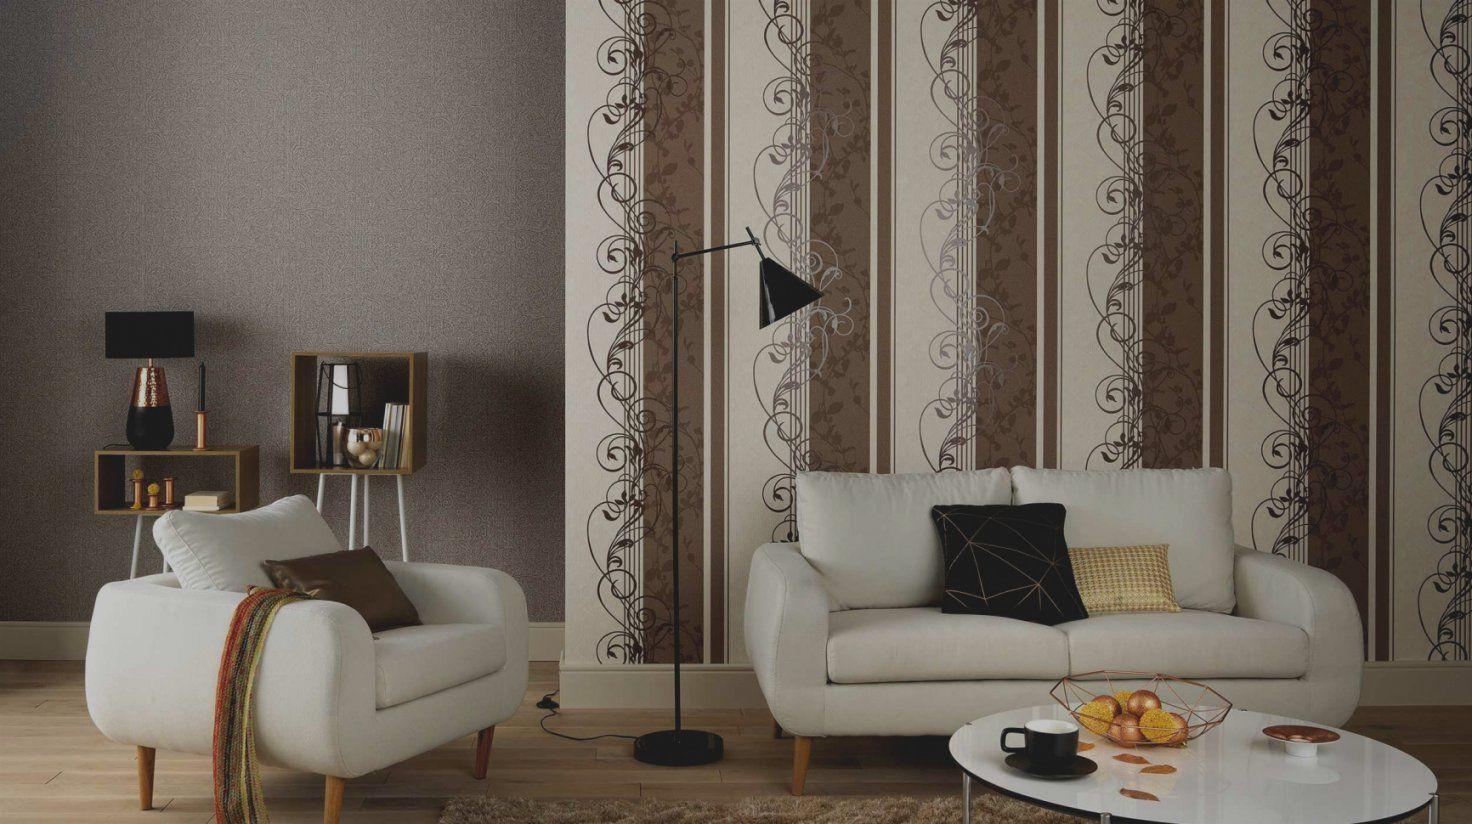 Wohnzimmer Tapeten Trends 2019 Tapete Trends Und Neuheiten